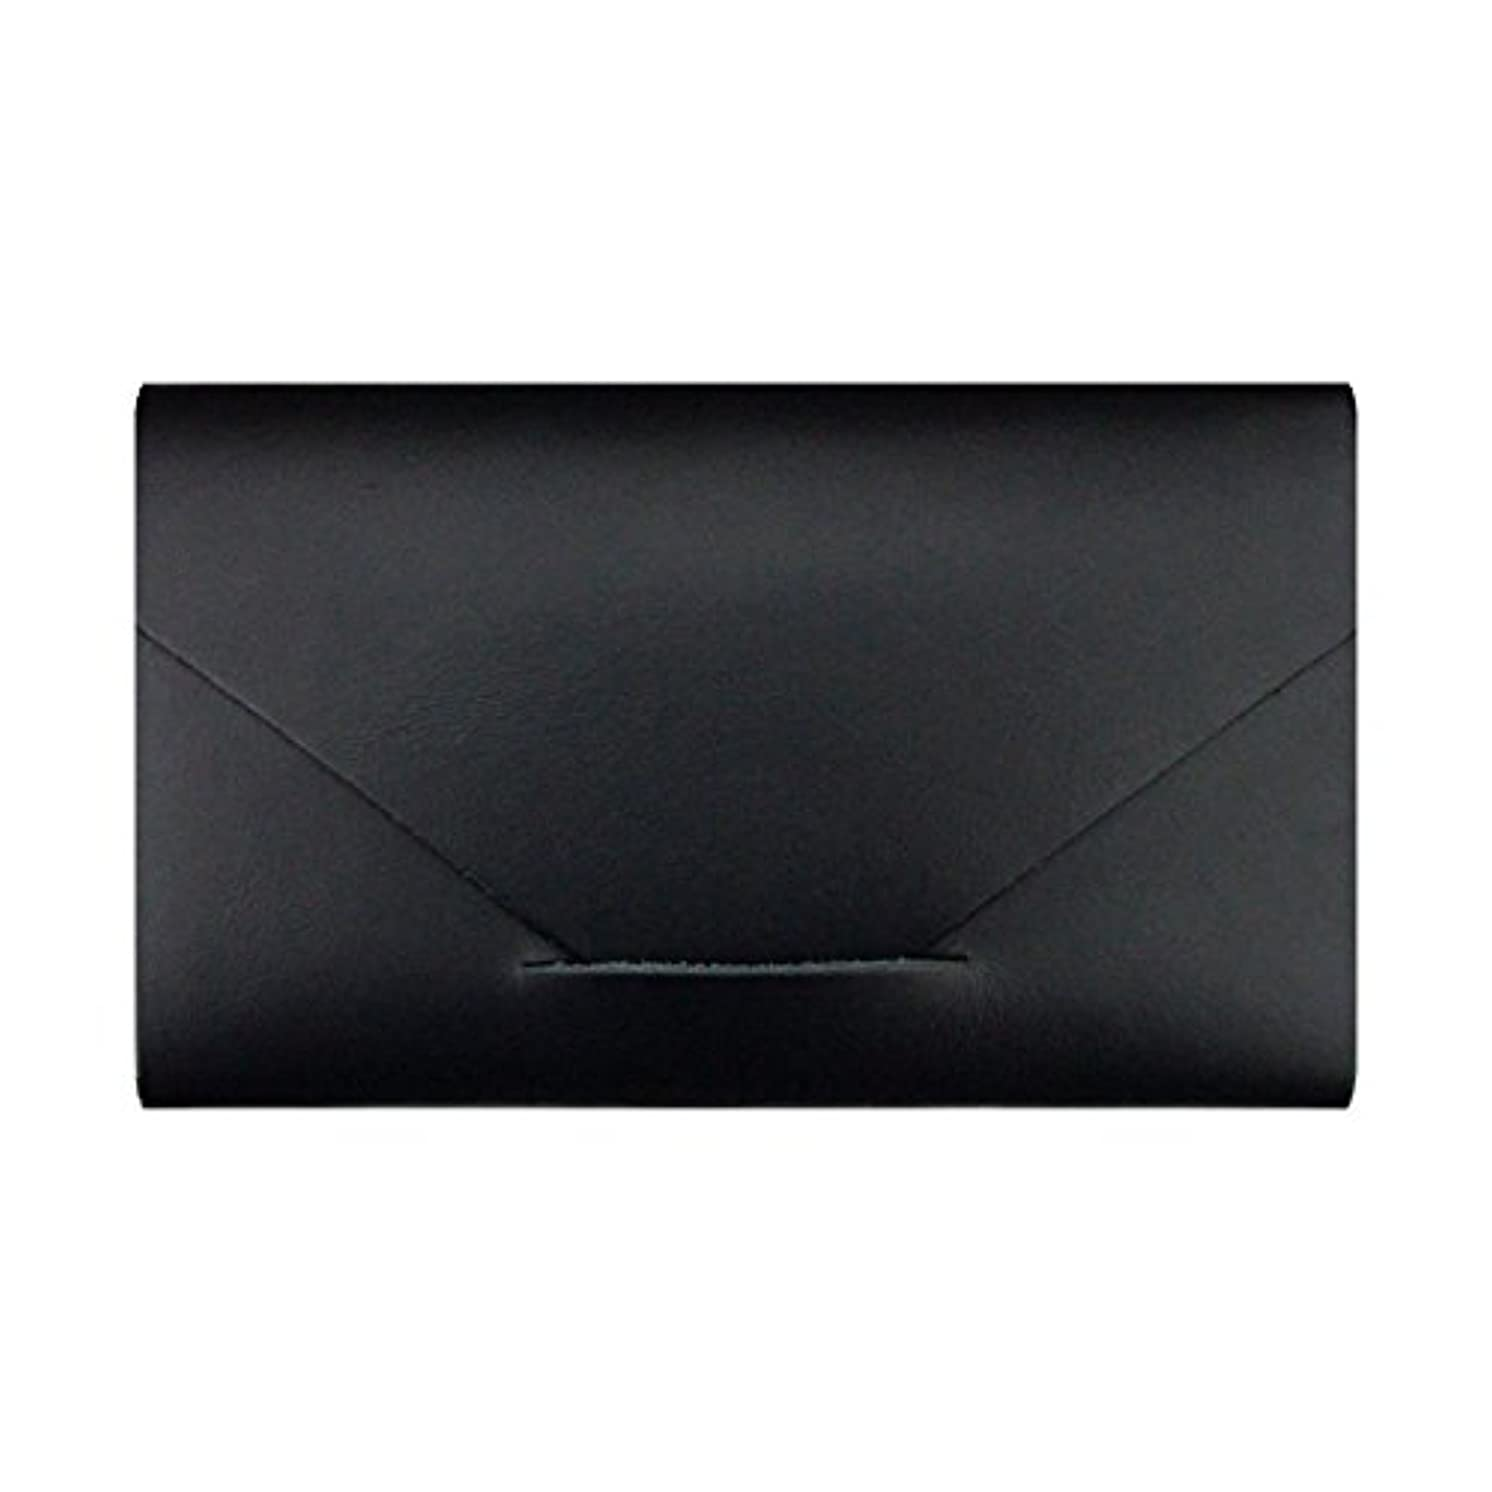 地獄驚いたことに発揮するMODERN AGE TOKYO 2 カードケース(サシェ3種入) ブラック BLACK CARD CASE モダンエイジトウキョウツー